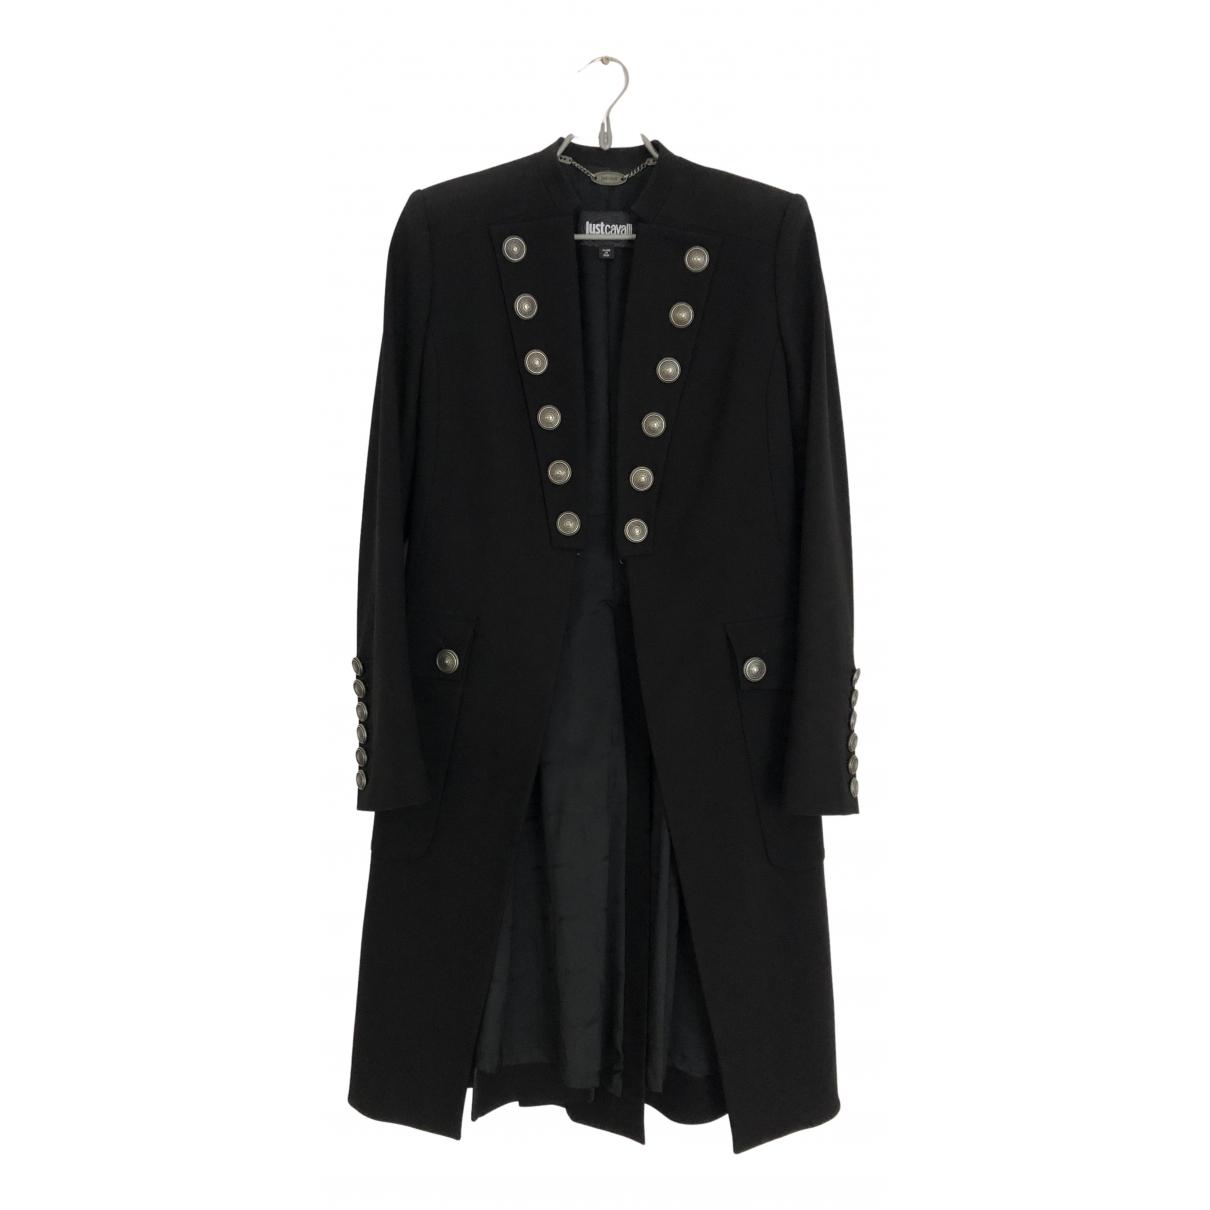 Just Cavalli - Manteau   pour femme - noir